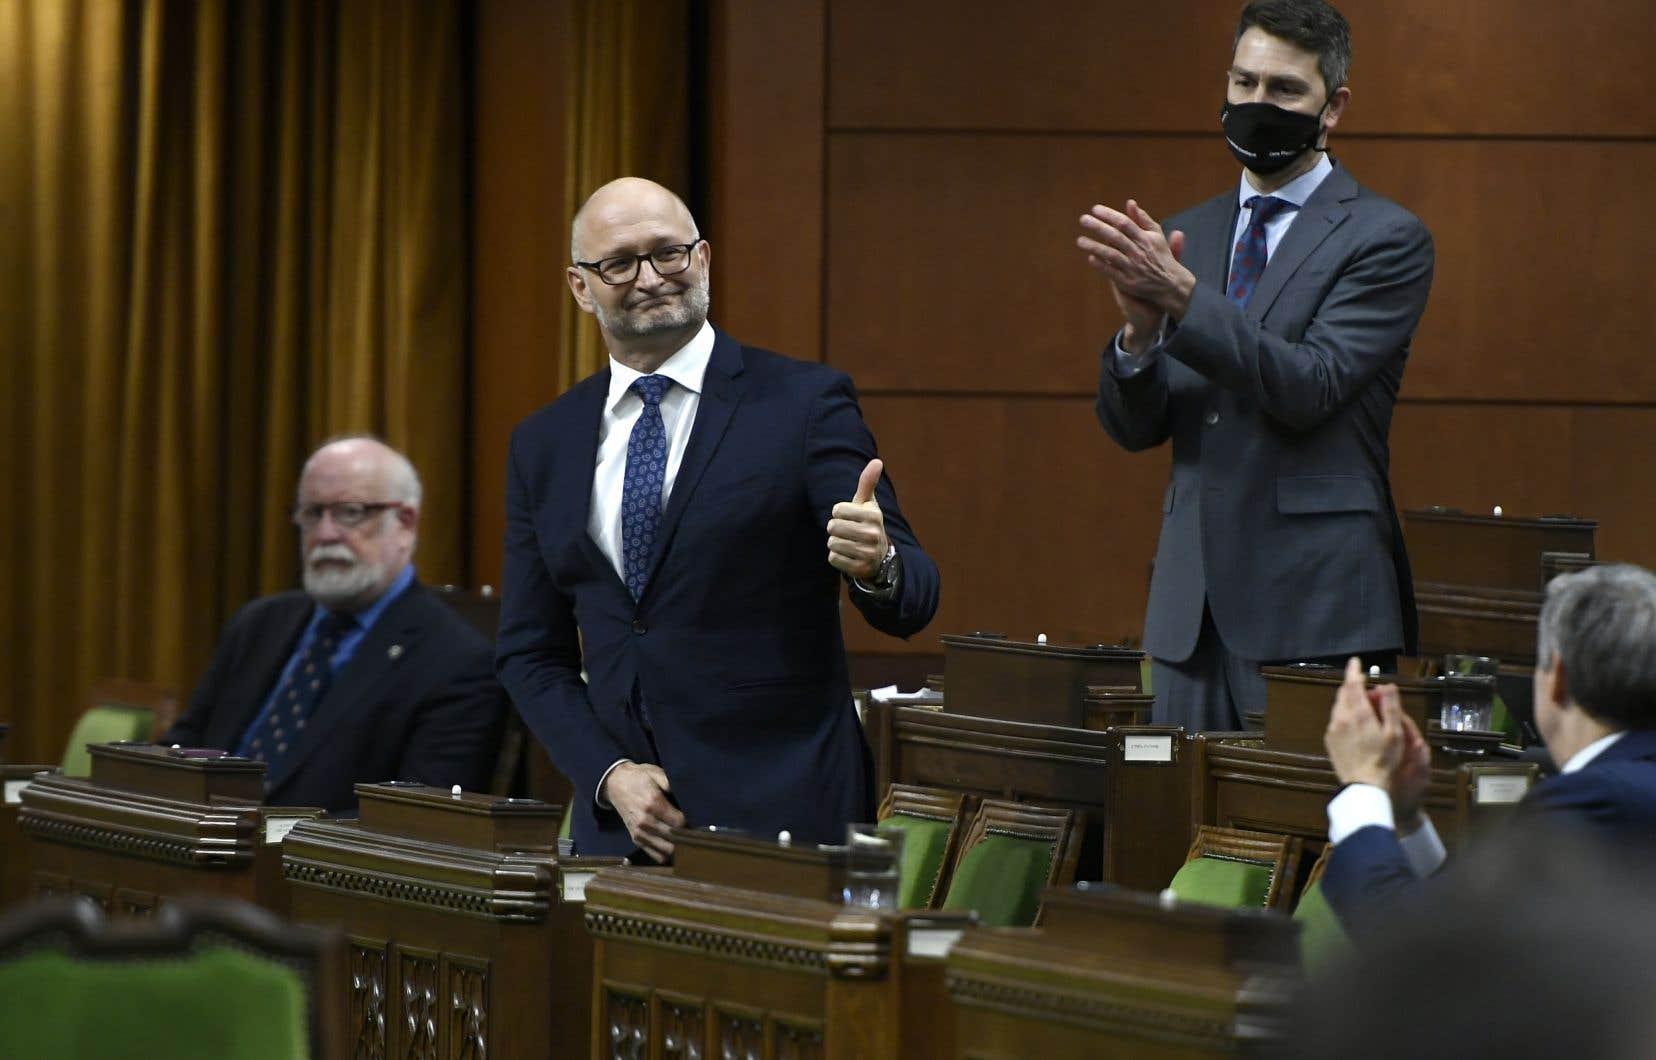 Le projet de loi C-7, déposé par le ministre fédéral de la Justice, David Lametti, a été adopté par la marque de 212 voix pour et 107 voix contre.